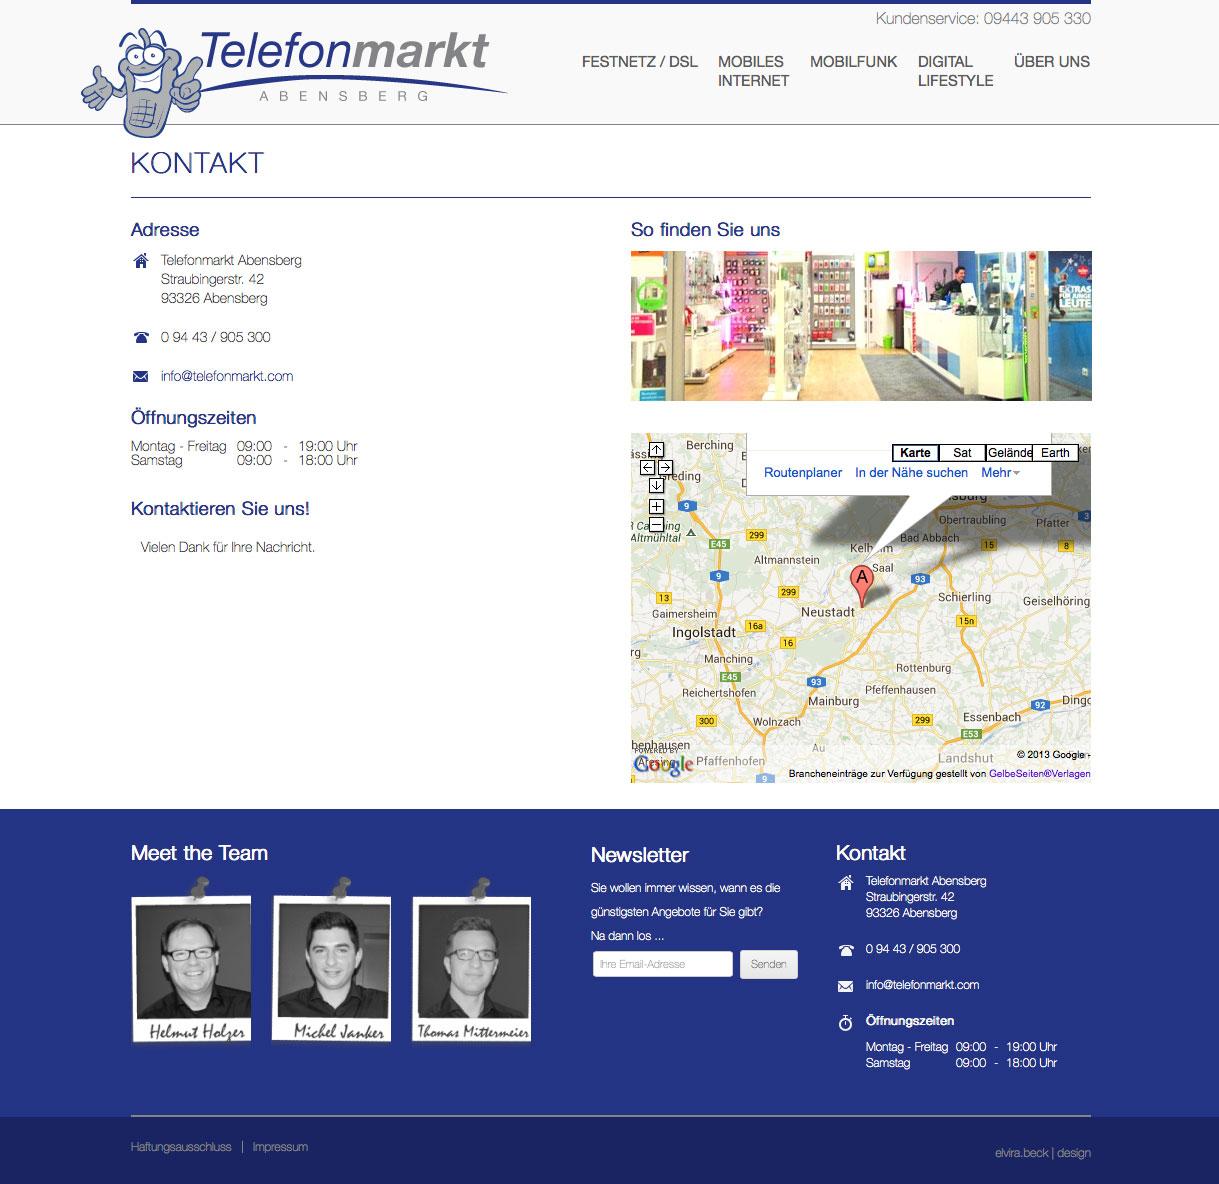 telefonmarkt abensberg